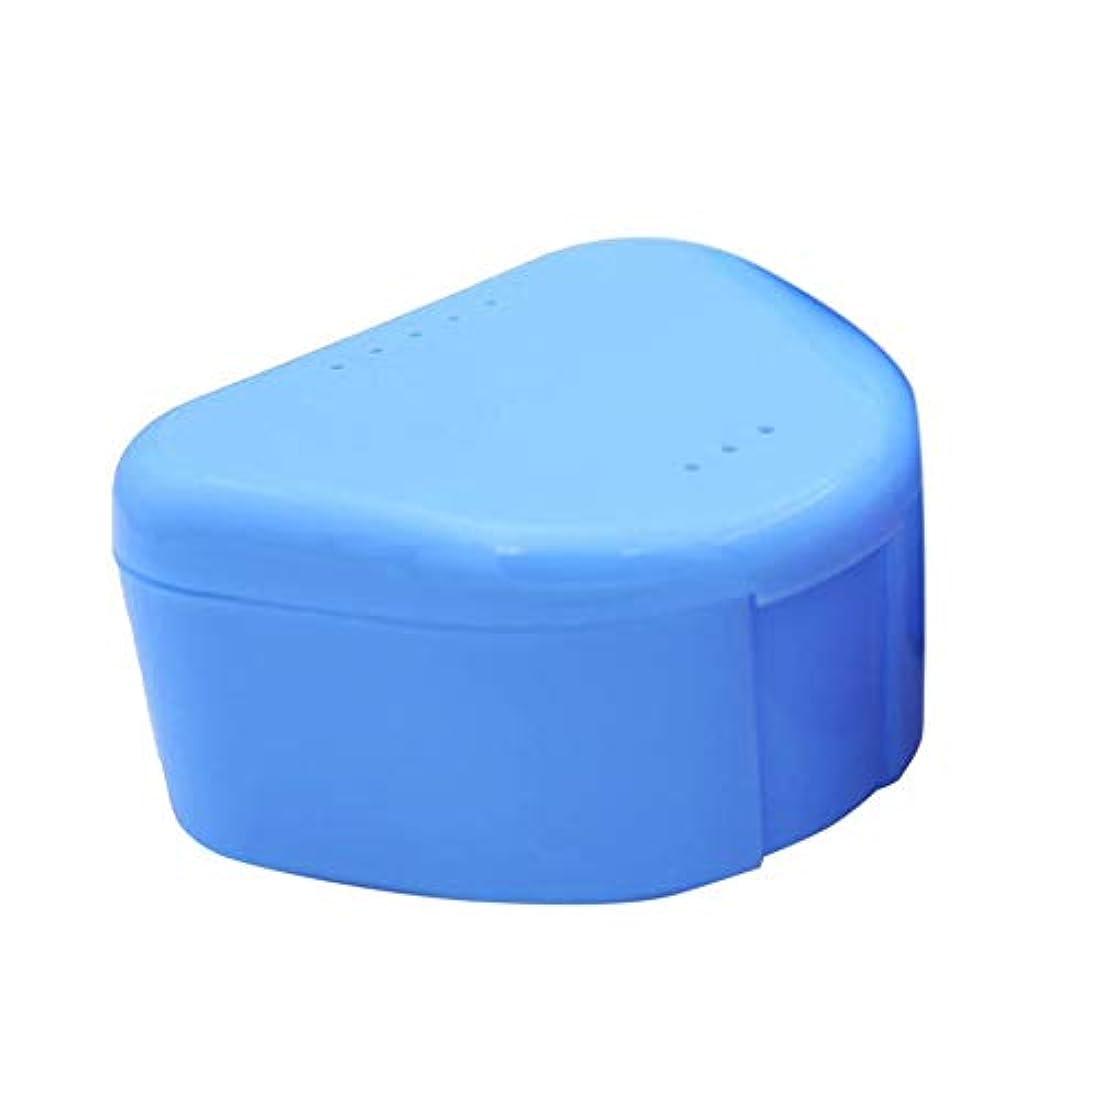 ラベンダー毎週軽くデンタルリテーナーケースデンタルブレース偽歯収納ケースボックスマウスピースオーガナイザーオーラルヘルスケアデンタルトレイボックス